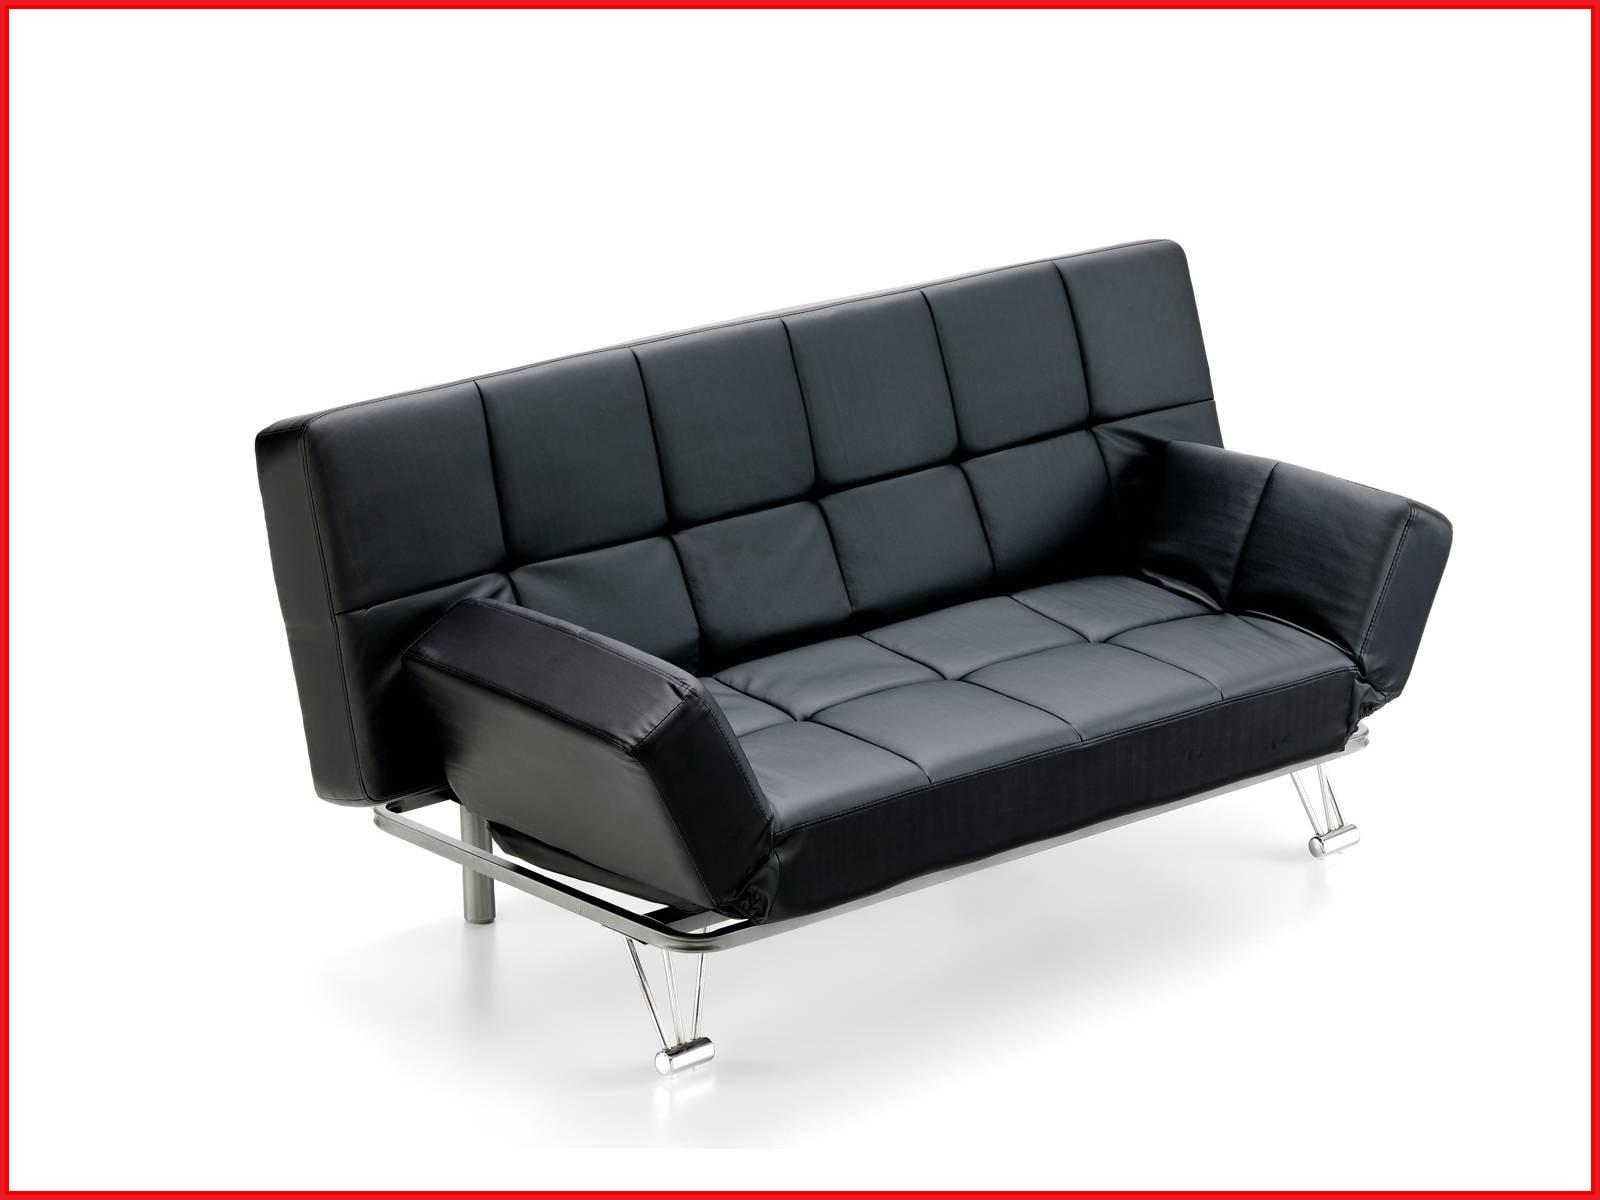 Sofa Cama De Diseño Ipdd sofas Cama Diseà O Ertas sofas Cama sofà Cama Reclinable Con